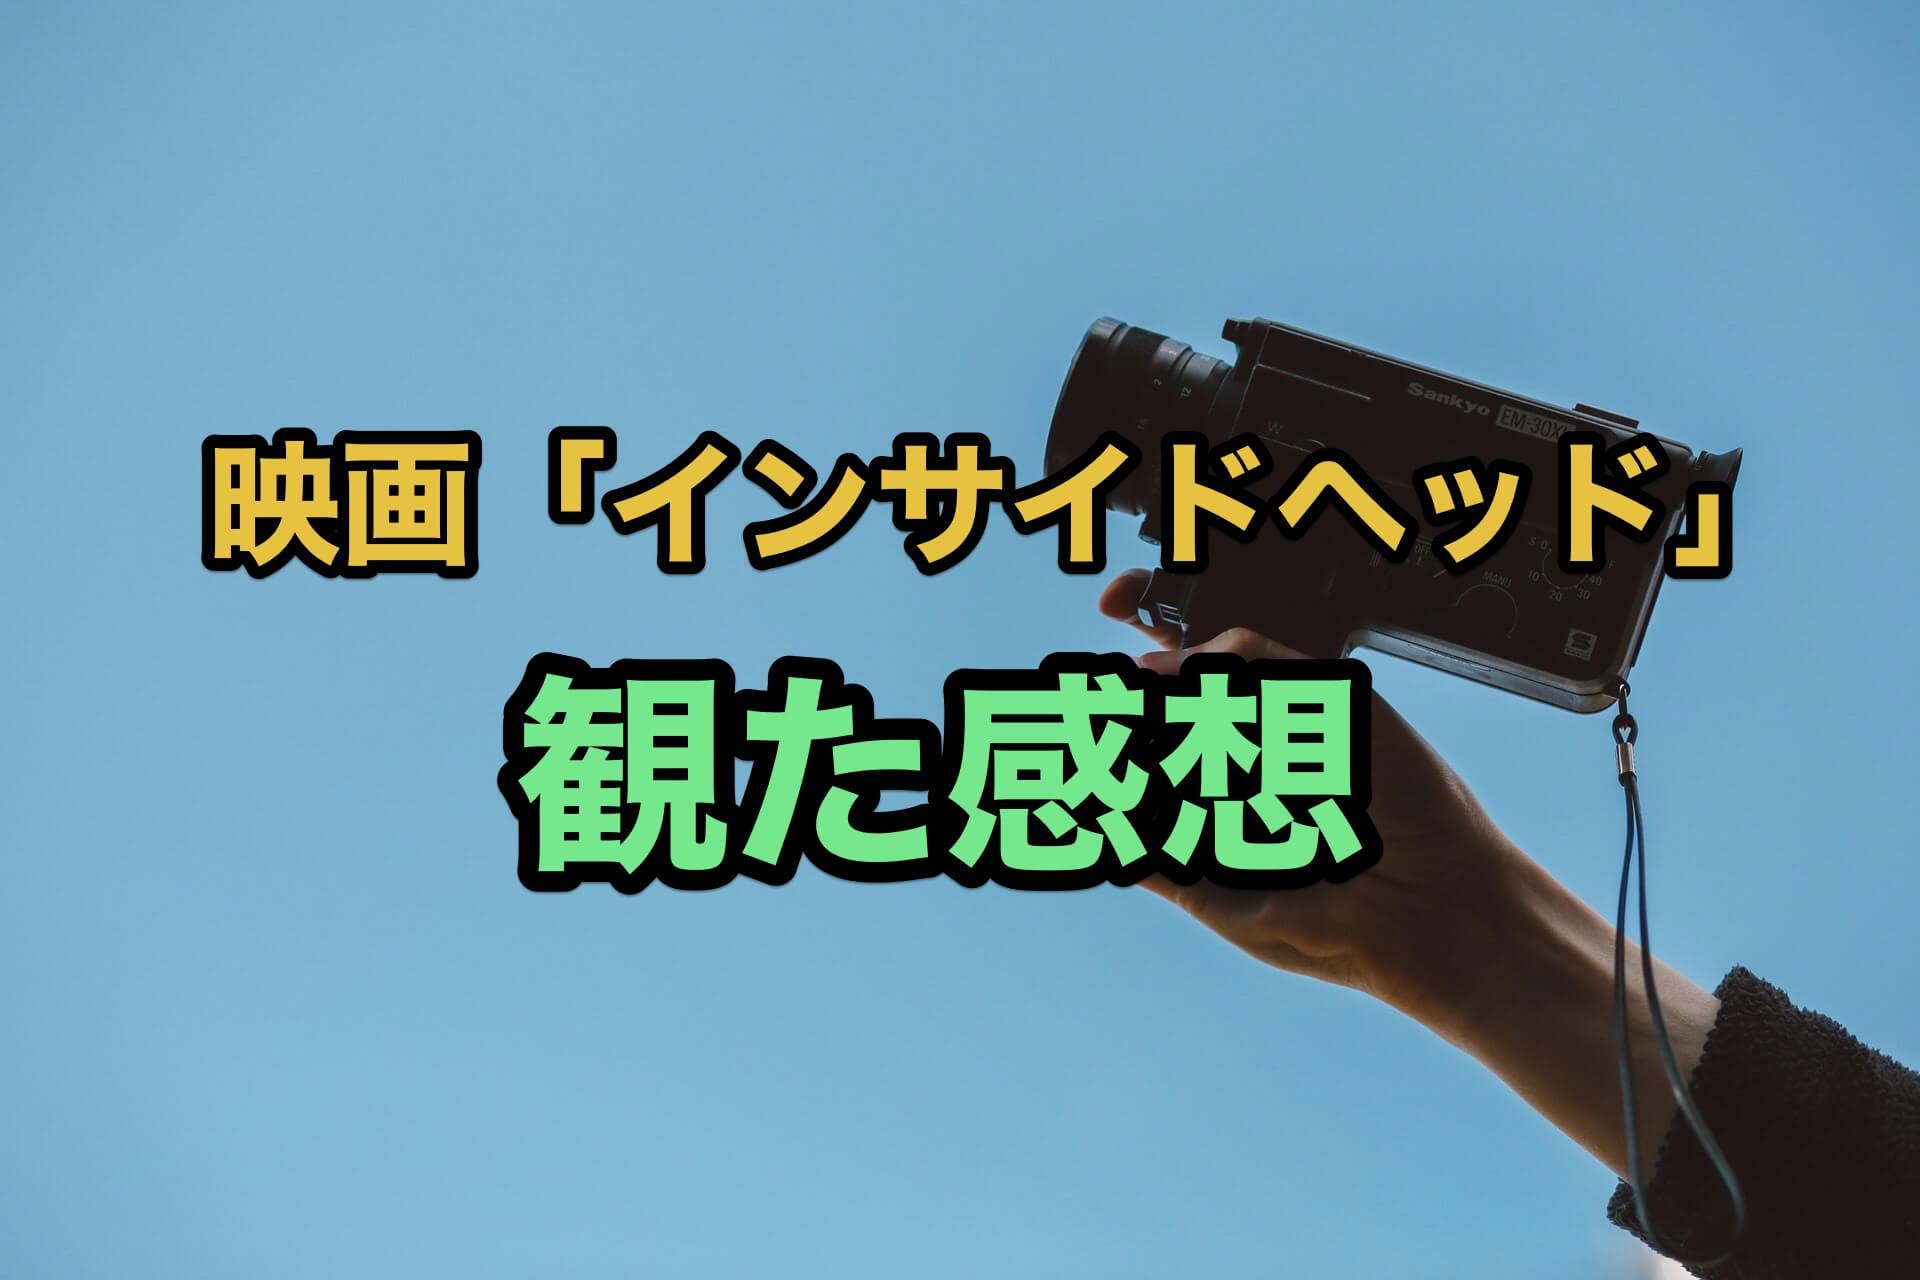 映画「インサイドヘッド」の感想、見どころポイントを解説【評判あり】